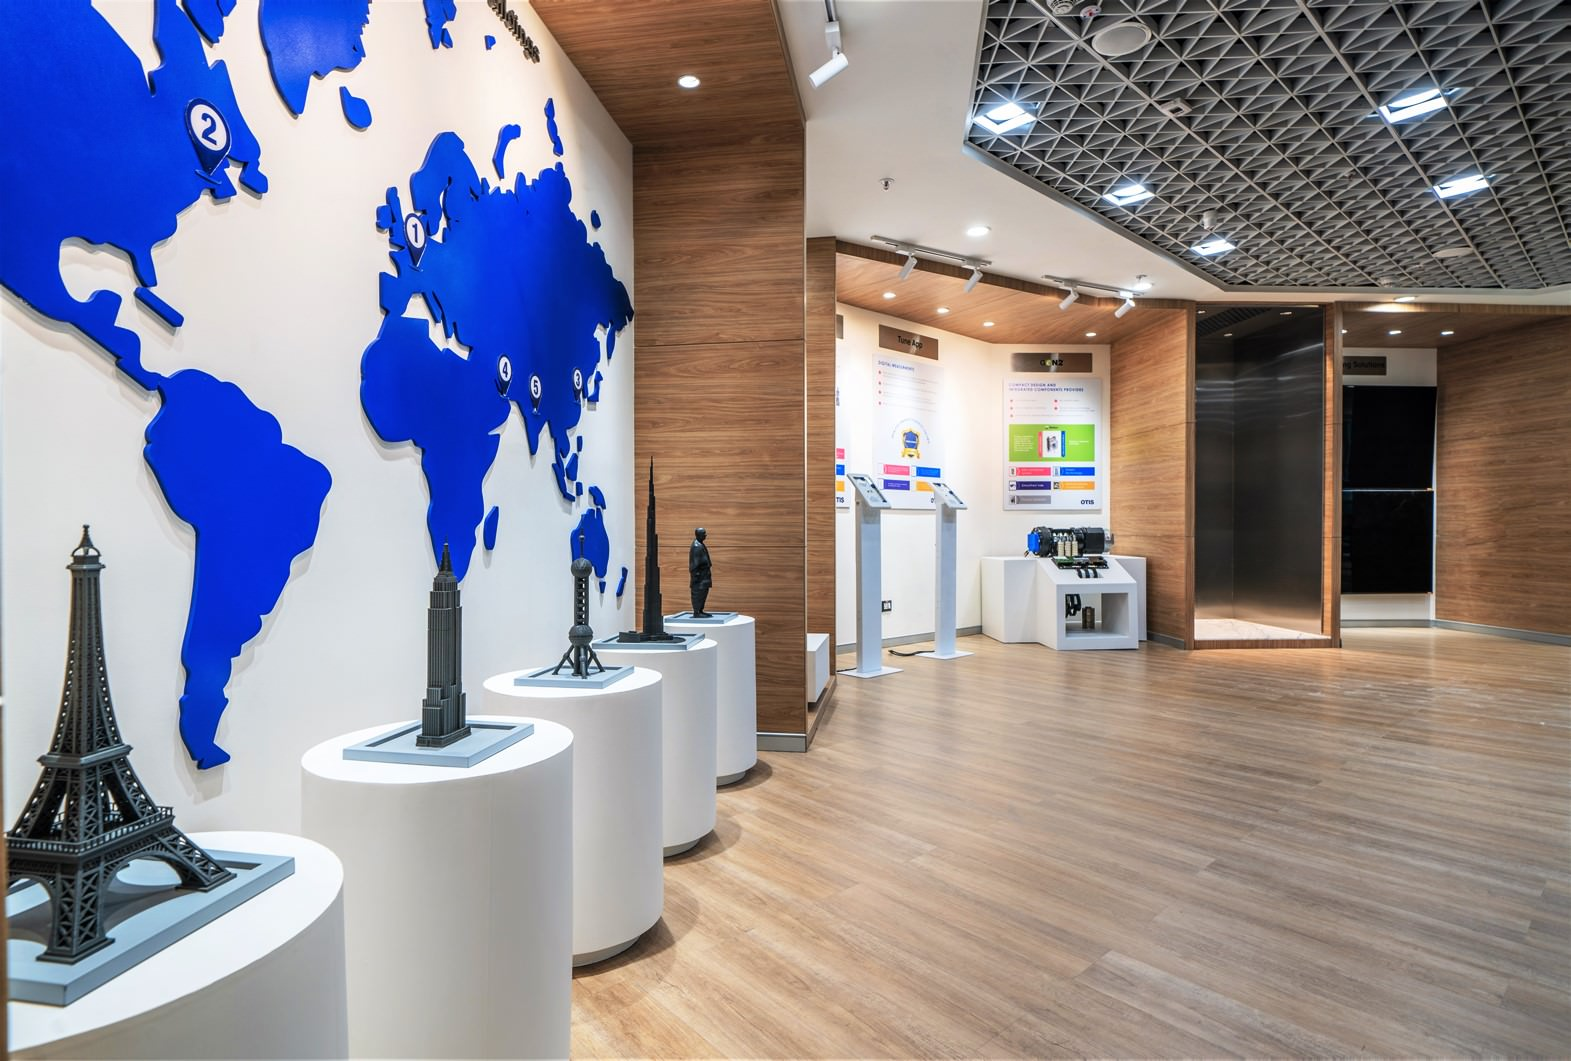 Retail design workspace